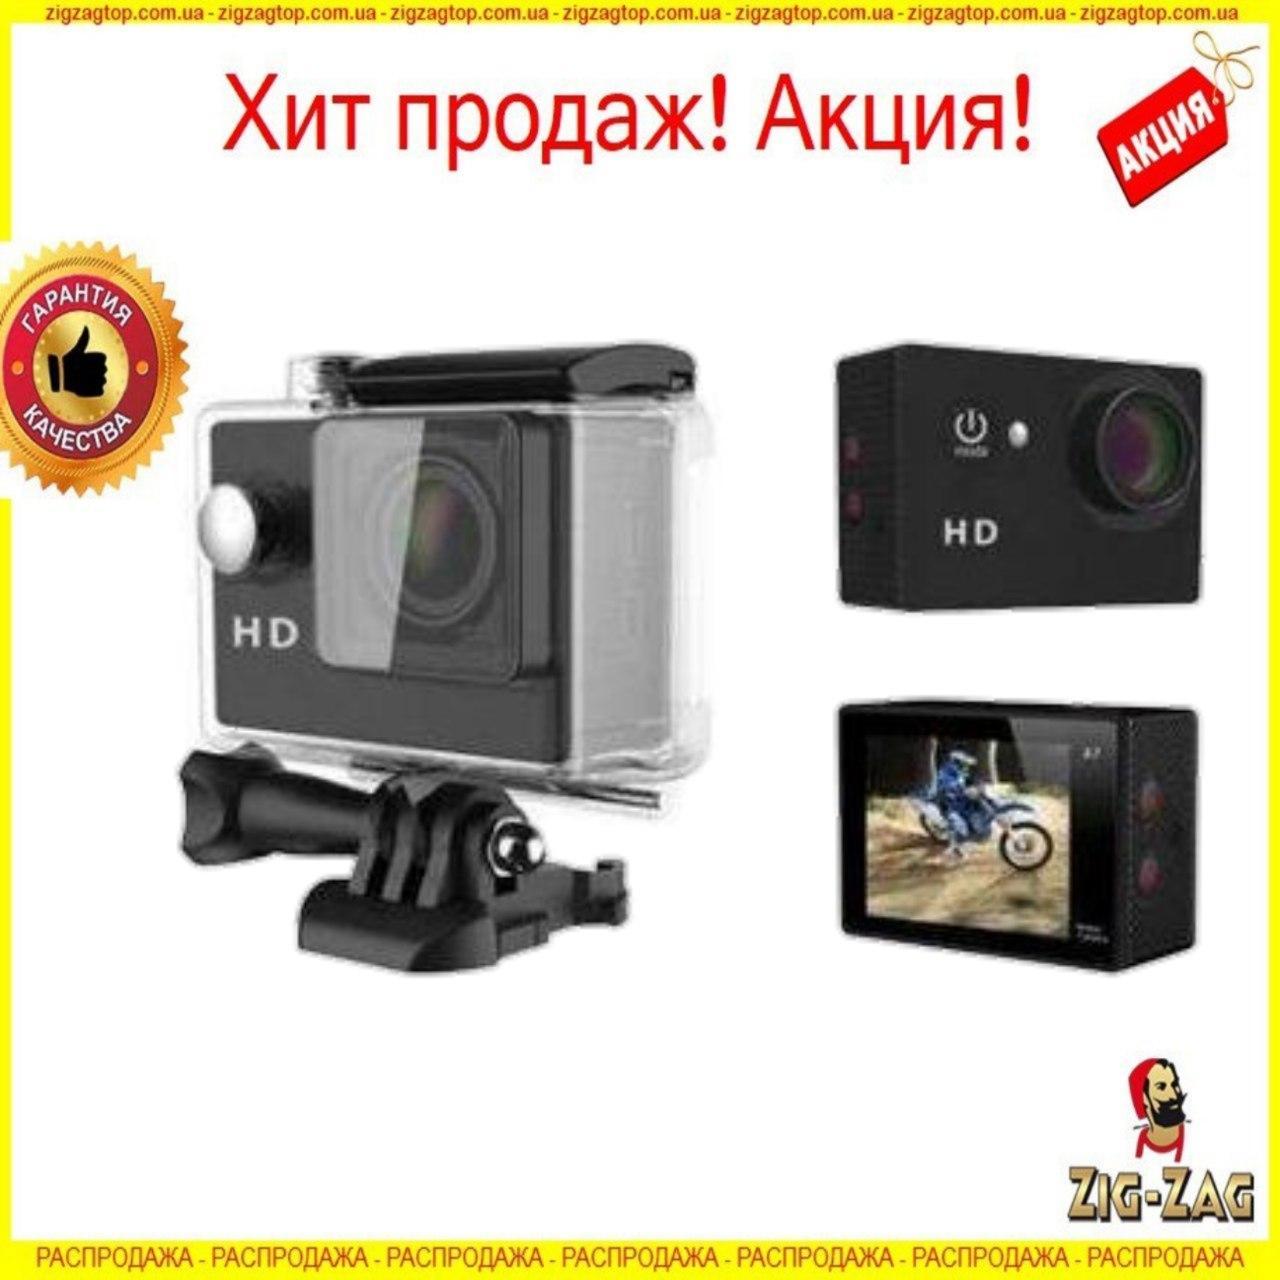 Екшн Камера А7 Спорт Action Camera Full HD 1080p sports Екшен Відео GoPro 900 mAh на Шолом під Водою для Вело